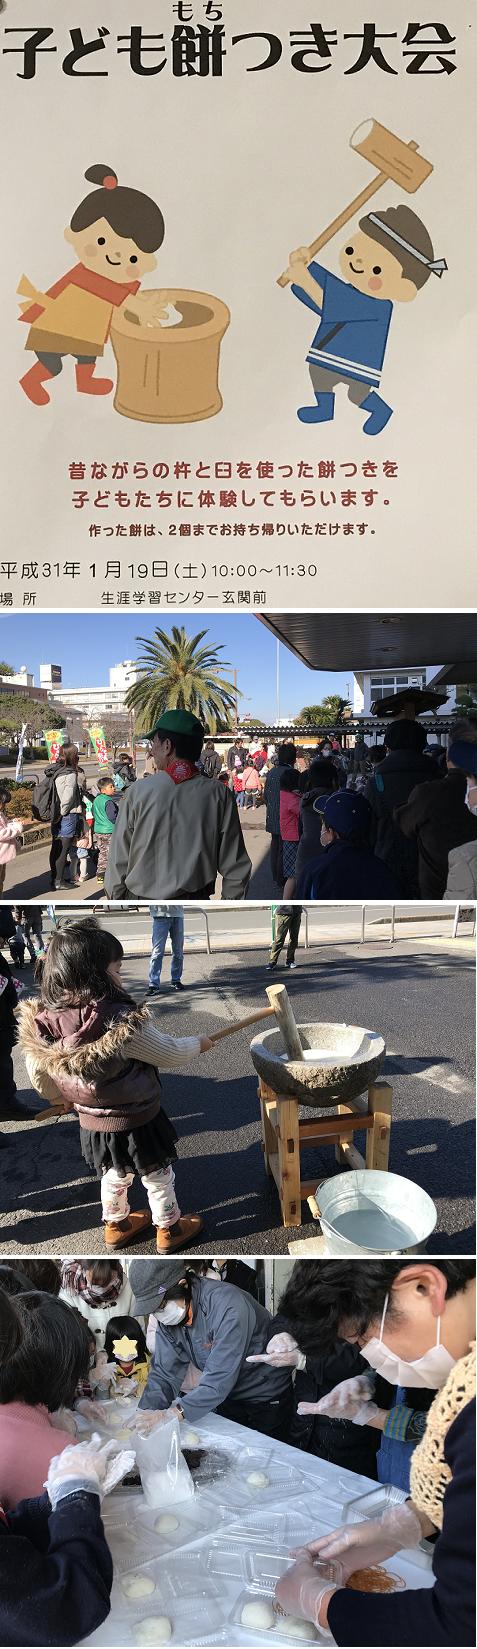 20190119餅つき大会1